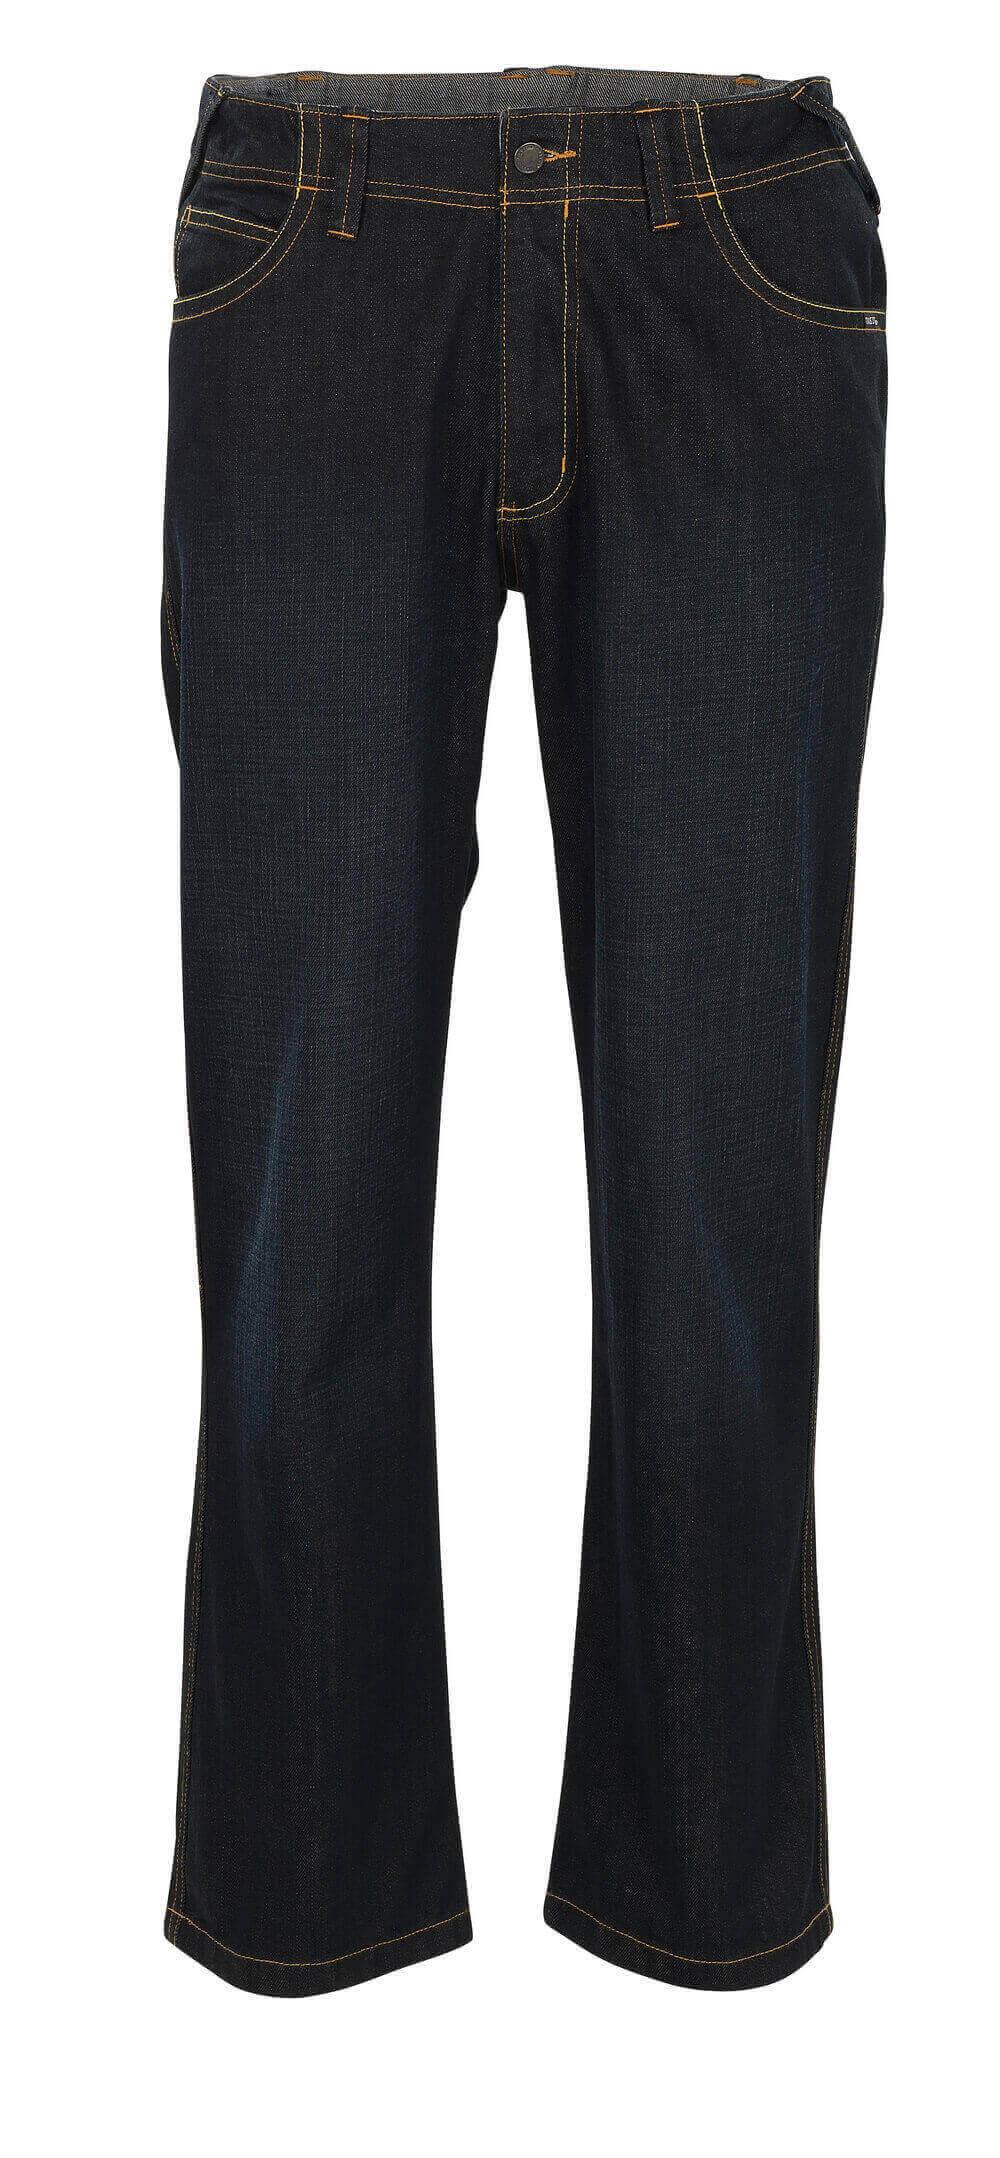 50403-869-A32 Jeans - Dunkles Denimblau